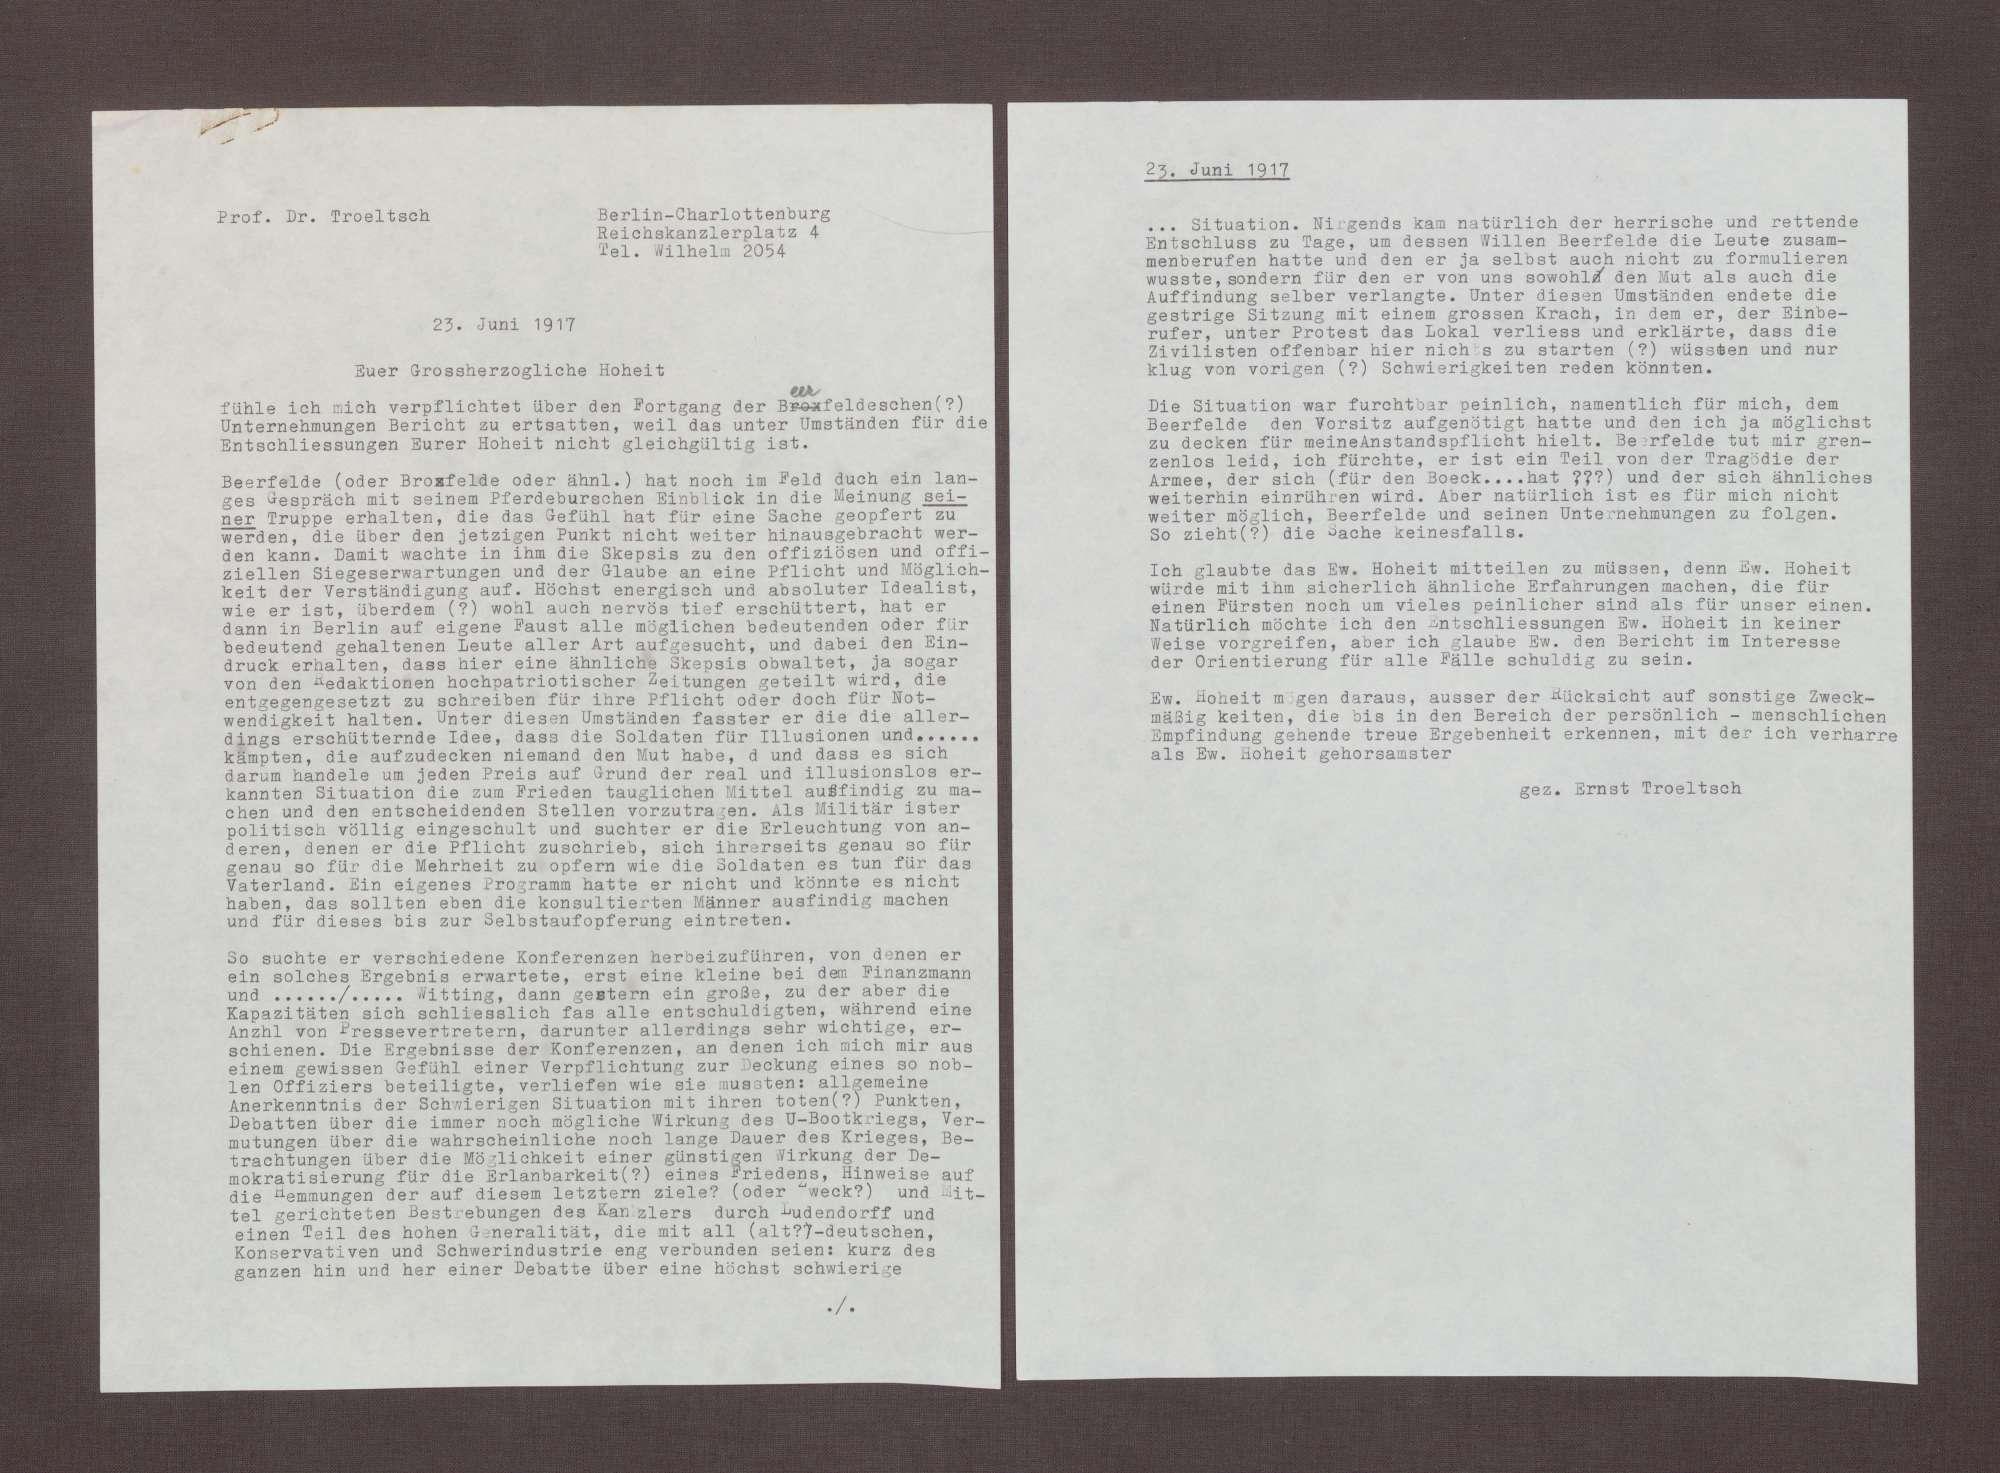 Schreiben von Ernst Troeltsch an Prinz Max von Baden; Einschätzungen zu Beerfelde (Typoskript), Bild 1